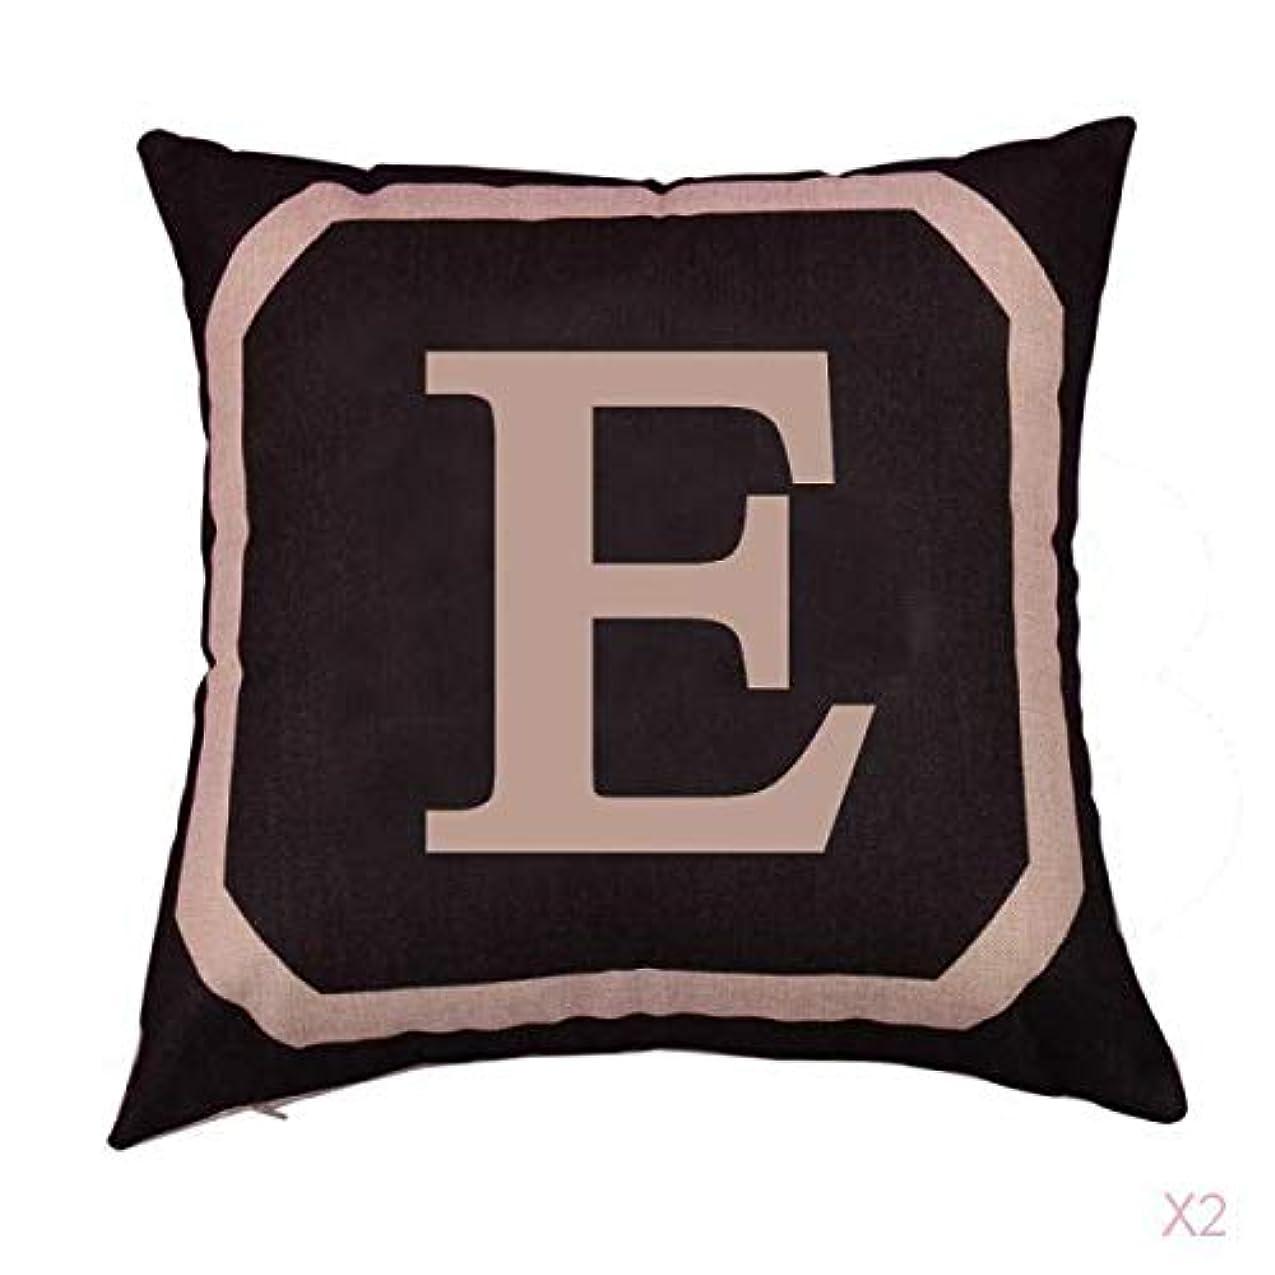 シェア性交七時半正方形の綿のリネンスローピローケース腰クッションカバーベッドソファ装飾電子